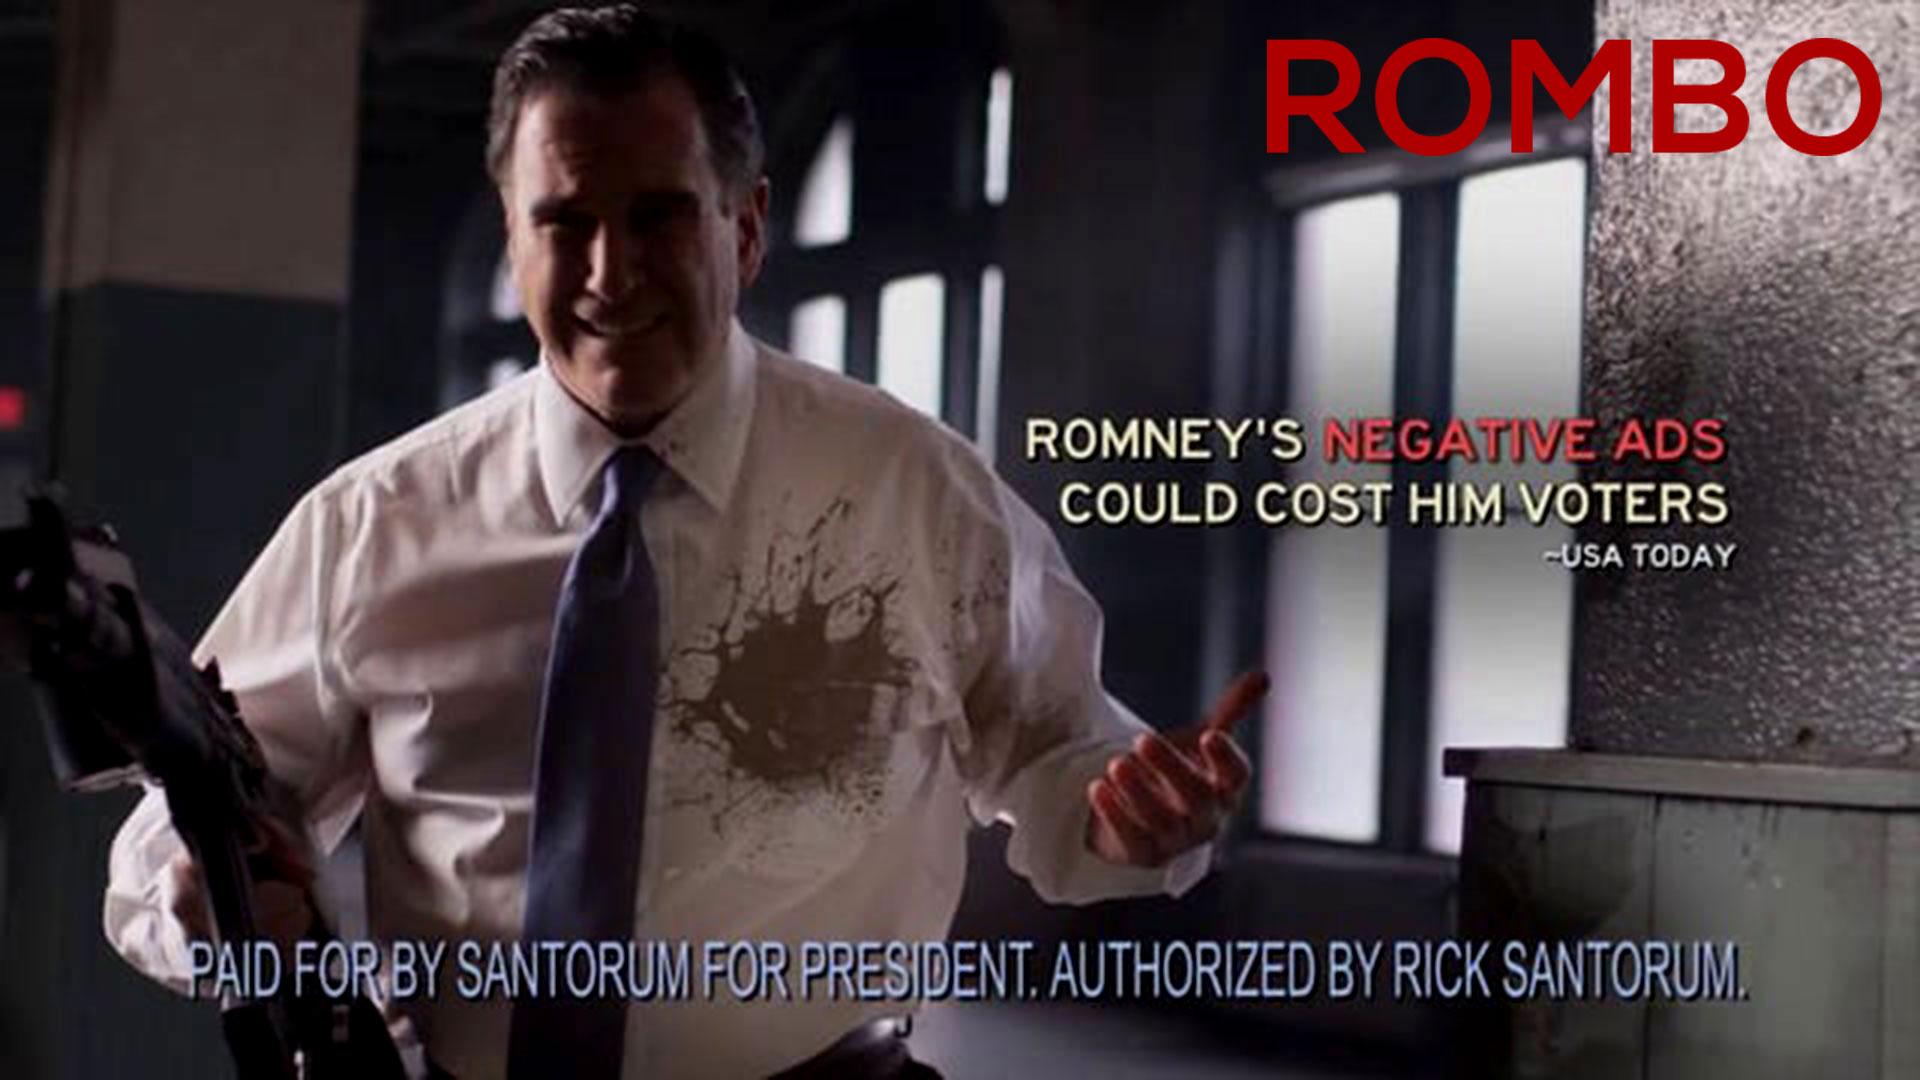 rombo-anti-mitt-romney-advertisement